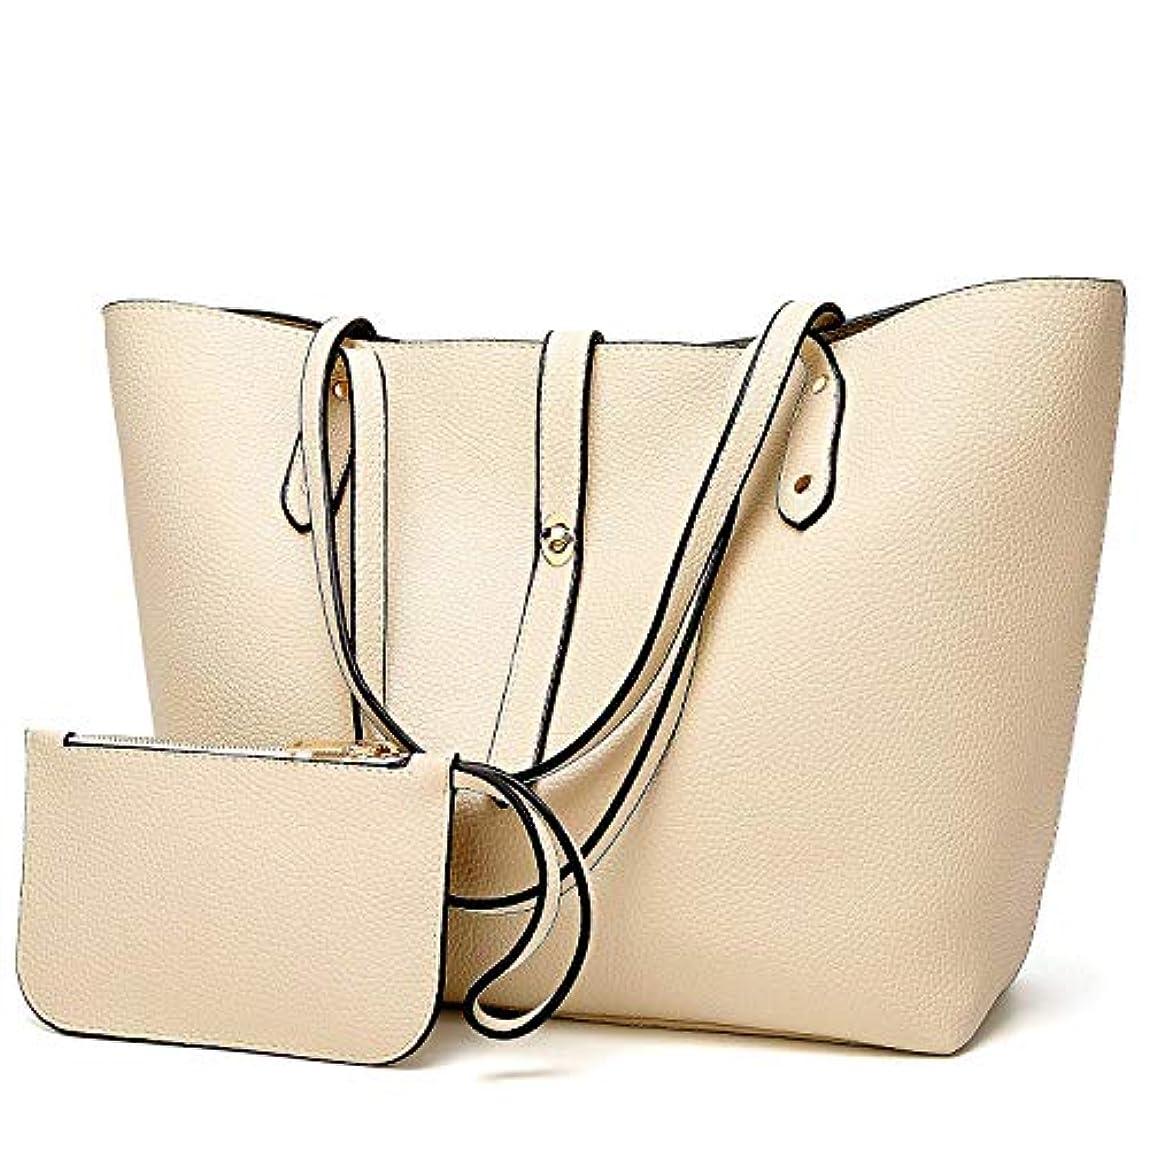 マトリックス徹底的に補足[TcIFE] ハンドバッグ レディース トートバッグ 大容量 無地 ショルダーバッグ 2way 財布とハンドバッグ